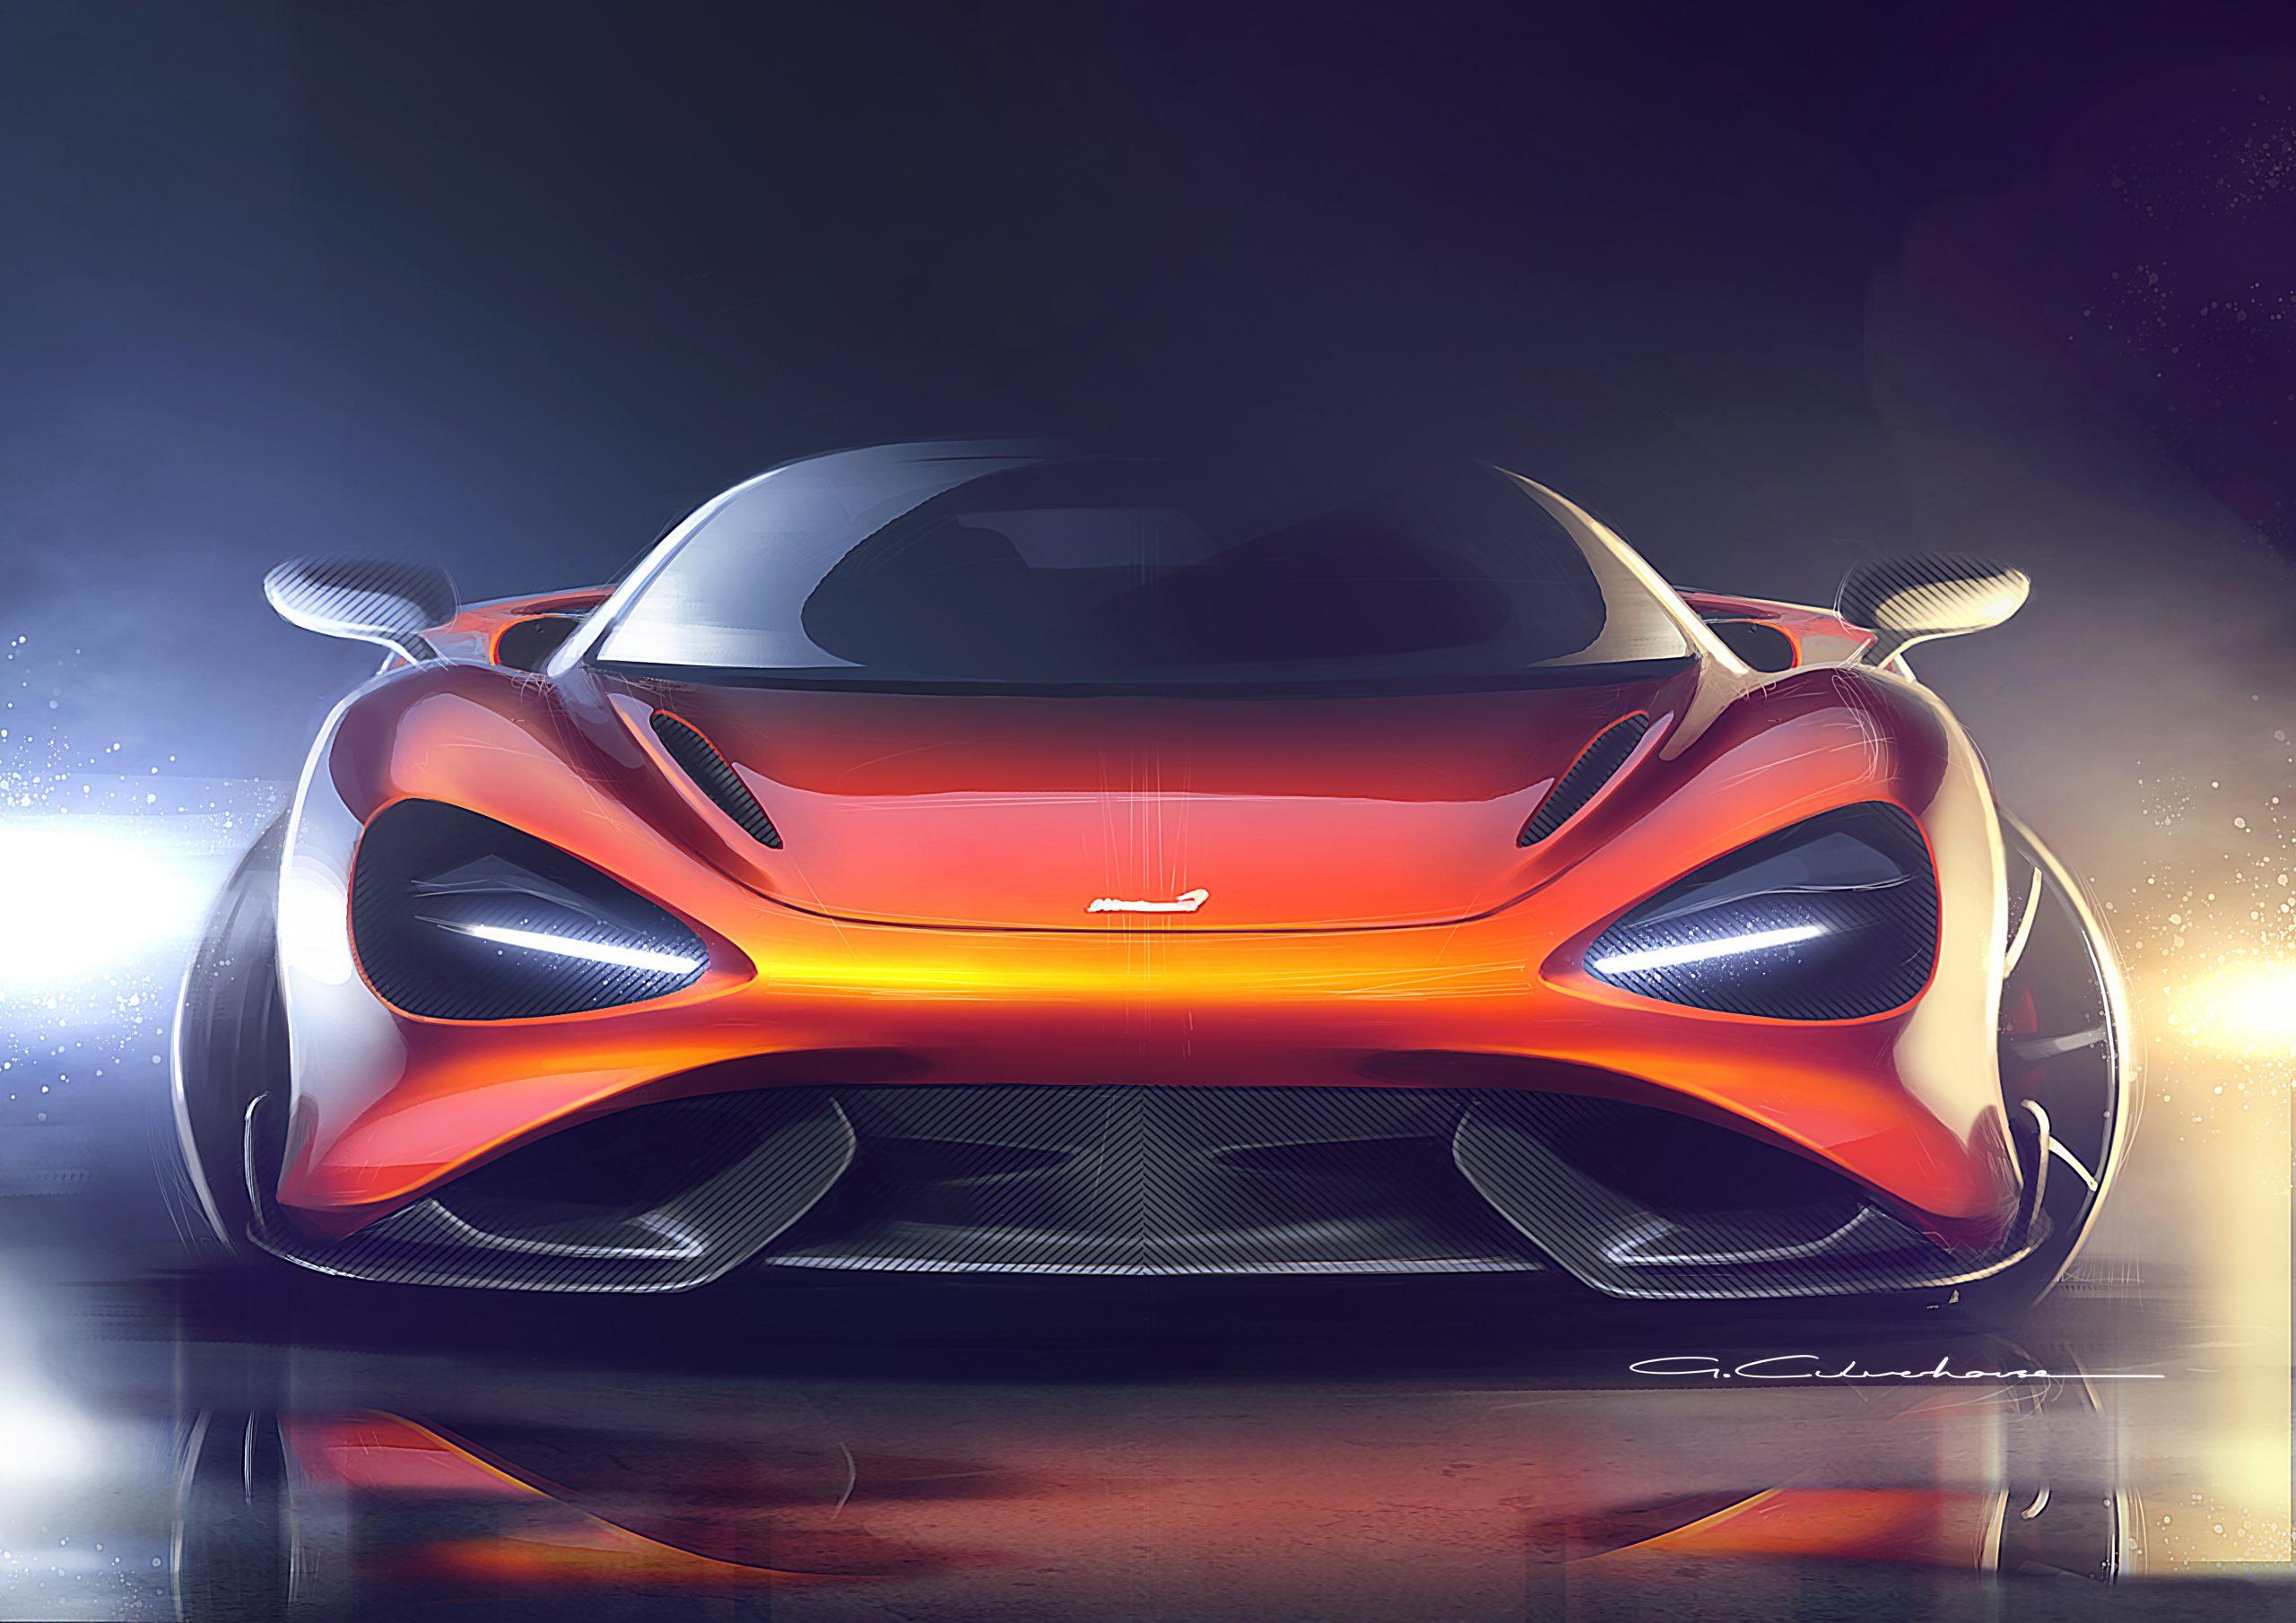 McLaren 765LT sketch